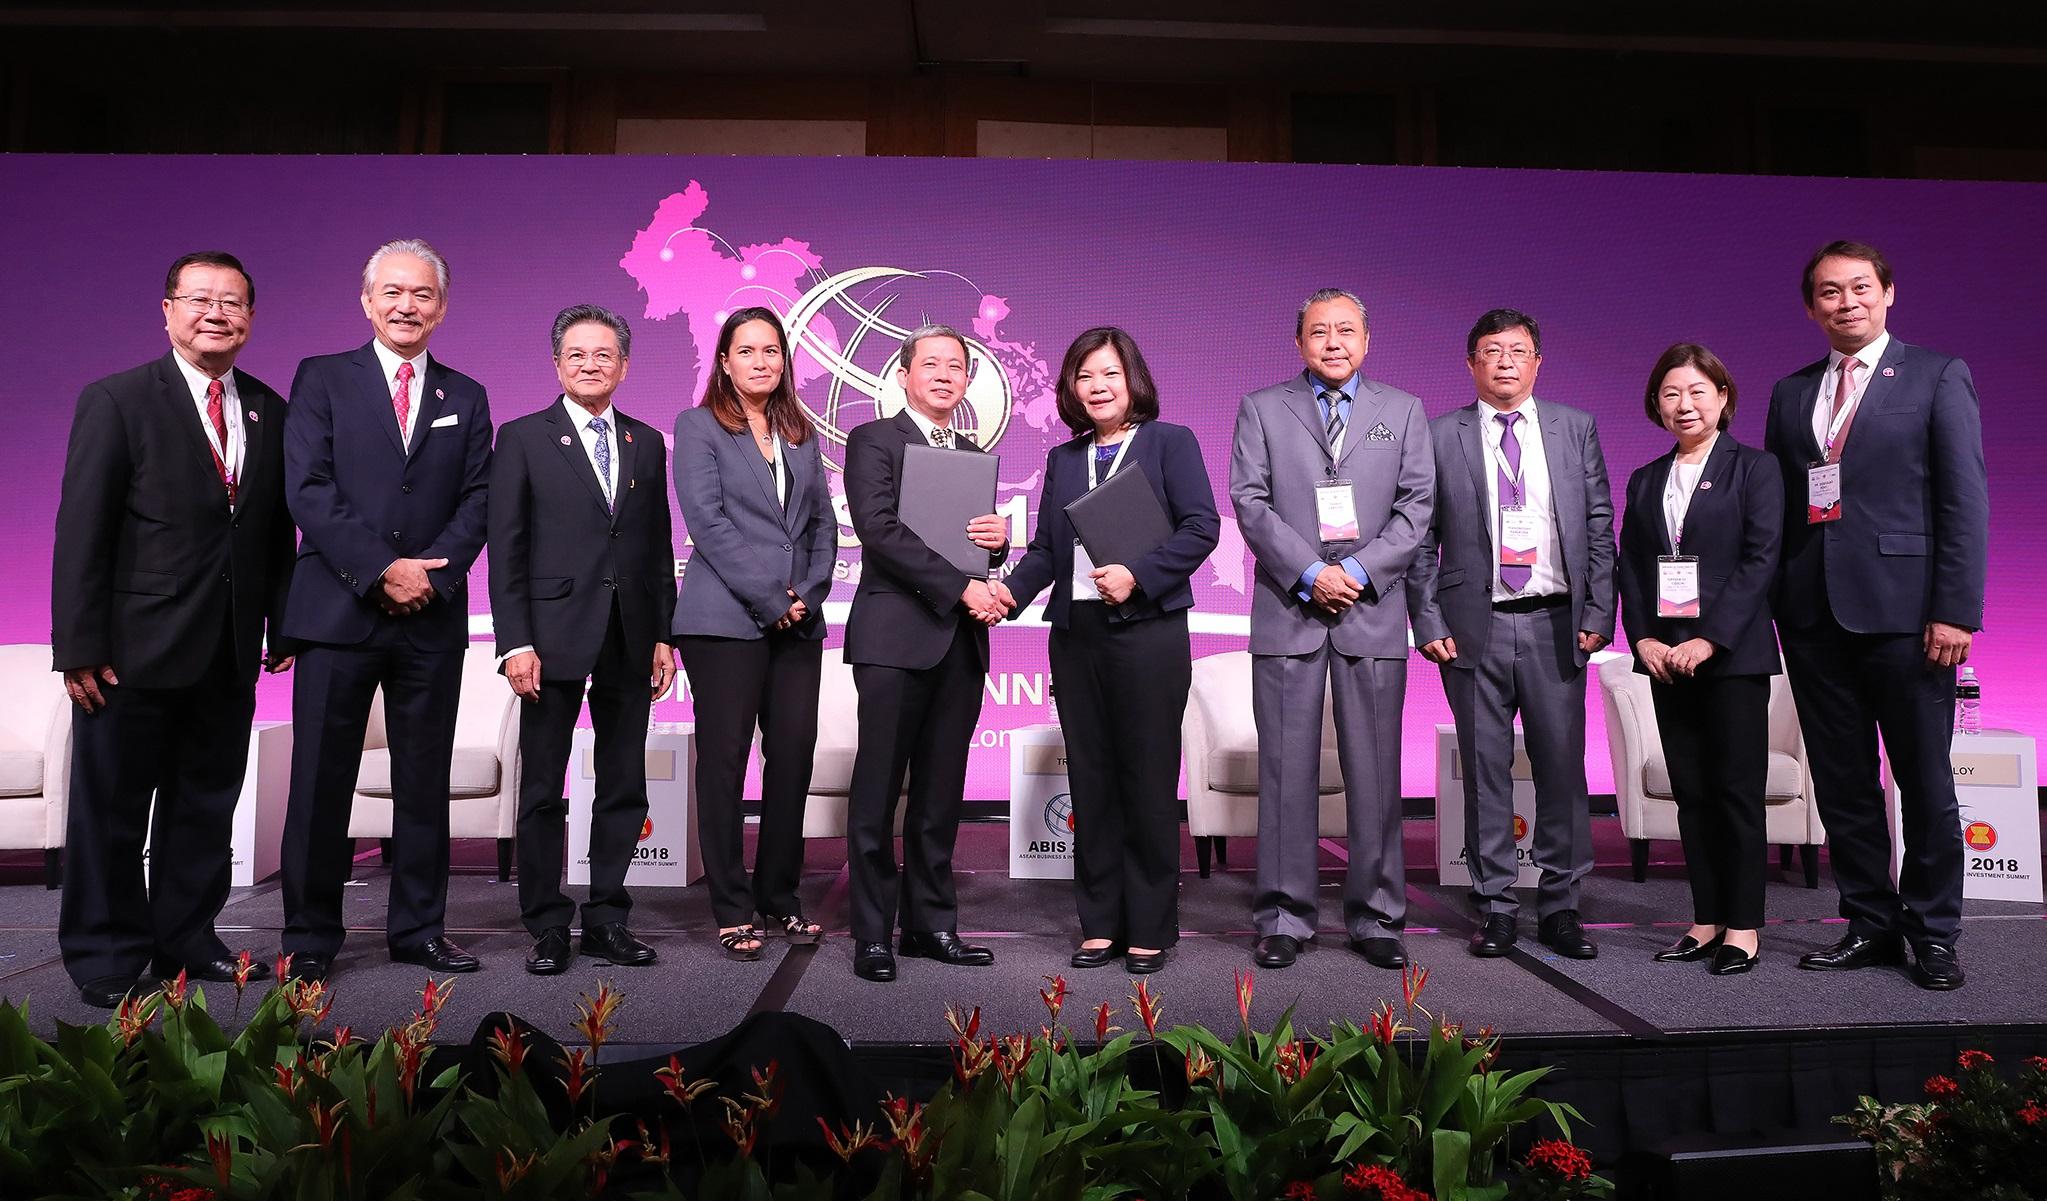 T&T Group cam kết đầu tư cùng Tập đoàn YCH vào Dự án Trung tâm tăng trưởng thông minh